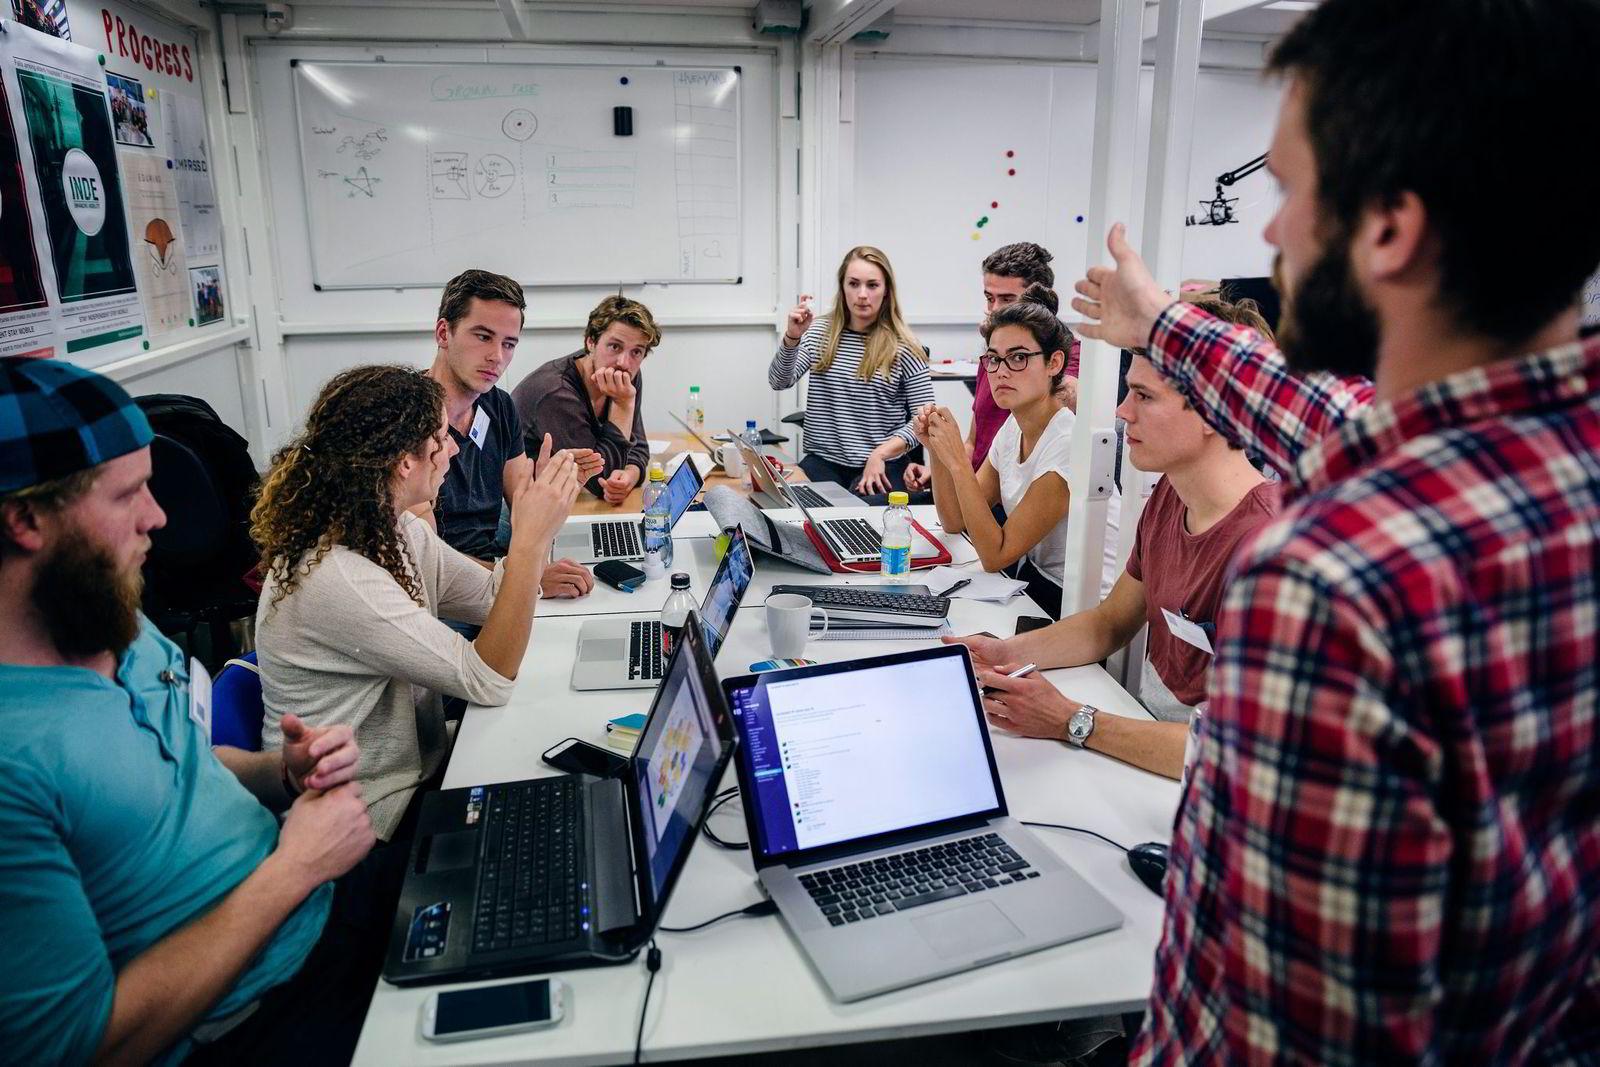 Det er høyt forbruk av forretningsideer på NTNUs Entreprenørskole. Tobias Velvang (til venstre) og Valentina Sørlie (i midten på høyre side) har begge forkastet sin originale i løpet av tre måneder. Bildet er fra studentenes intensivtesting av forretningsideer på CERN i Sveits. Foto: Per Thrana